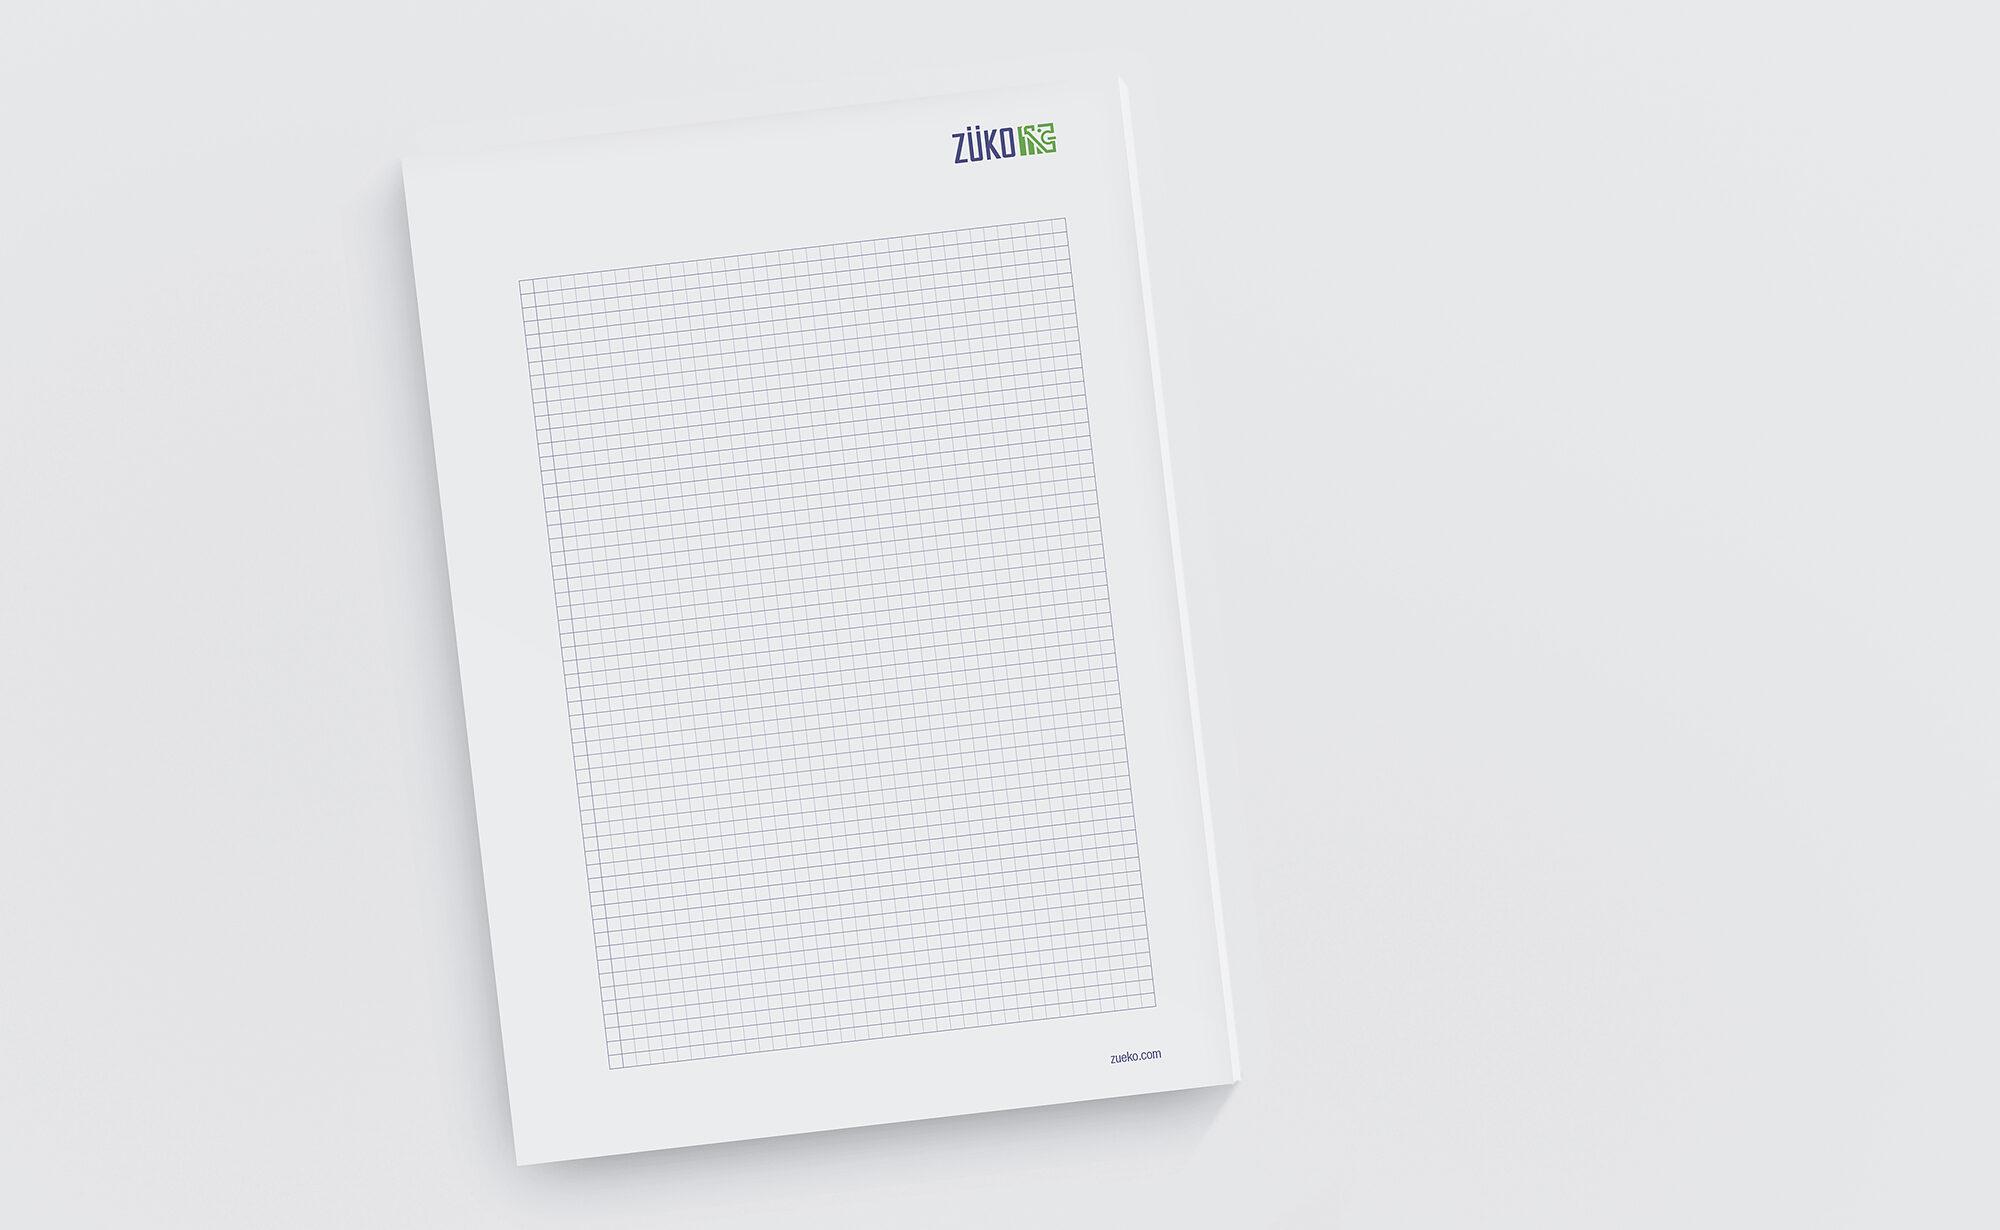 ZÜKO AG Papierblock, ZÜKO Corporate Design